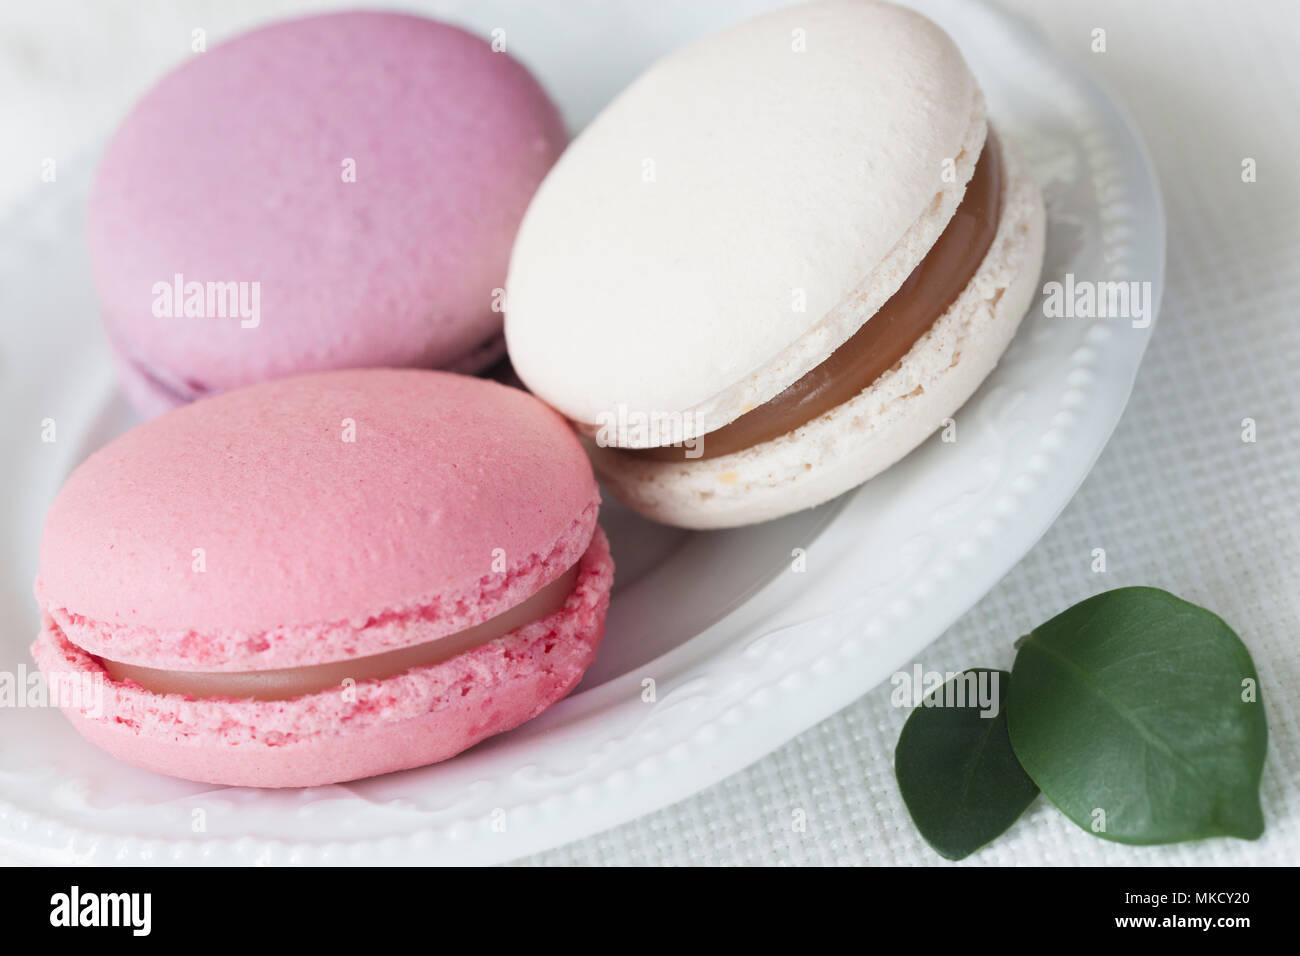 Rosa, violeta y blanco Macarons de cerca en la placa blanca, verde primavera pétalos, licitación de fondo pastel. Soft Focus. Mañana romántico, Don Amado Imagen De Stock